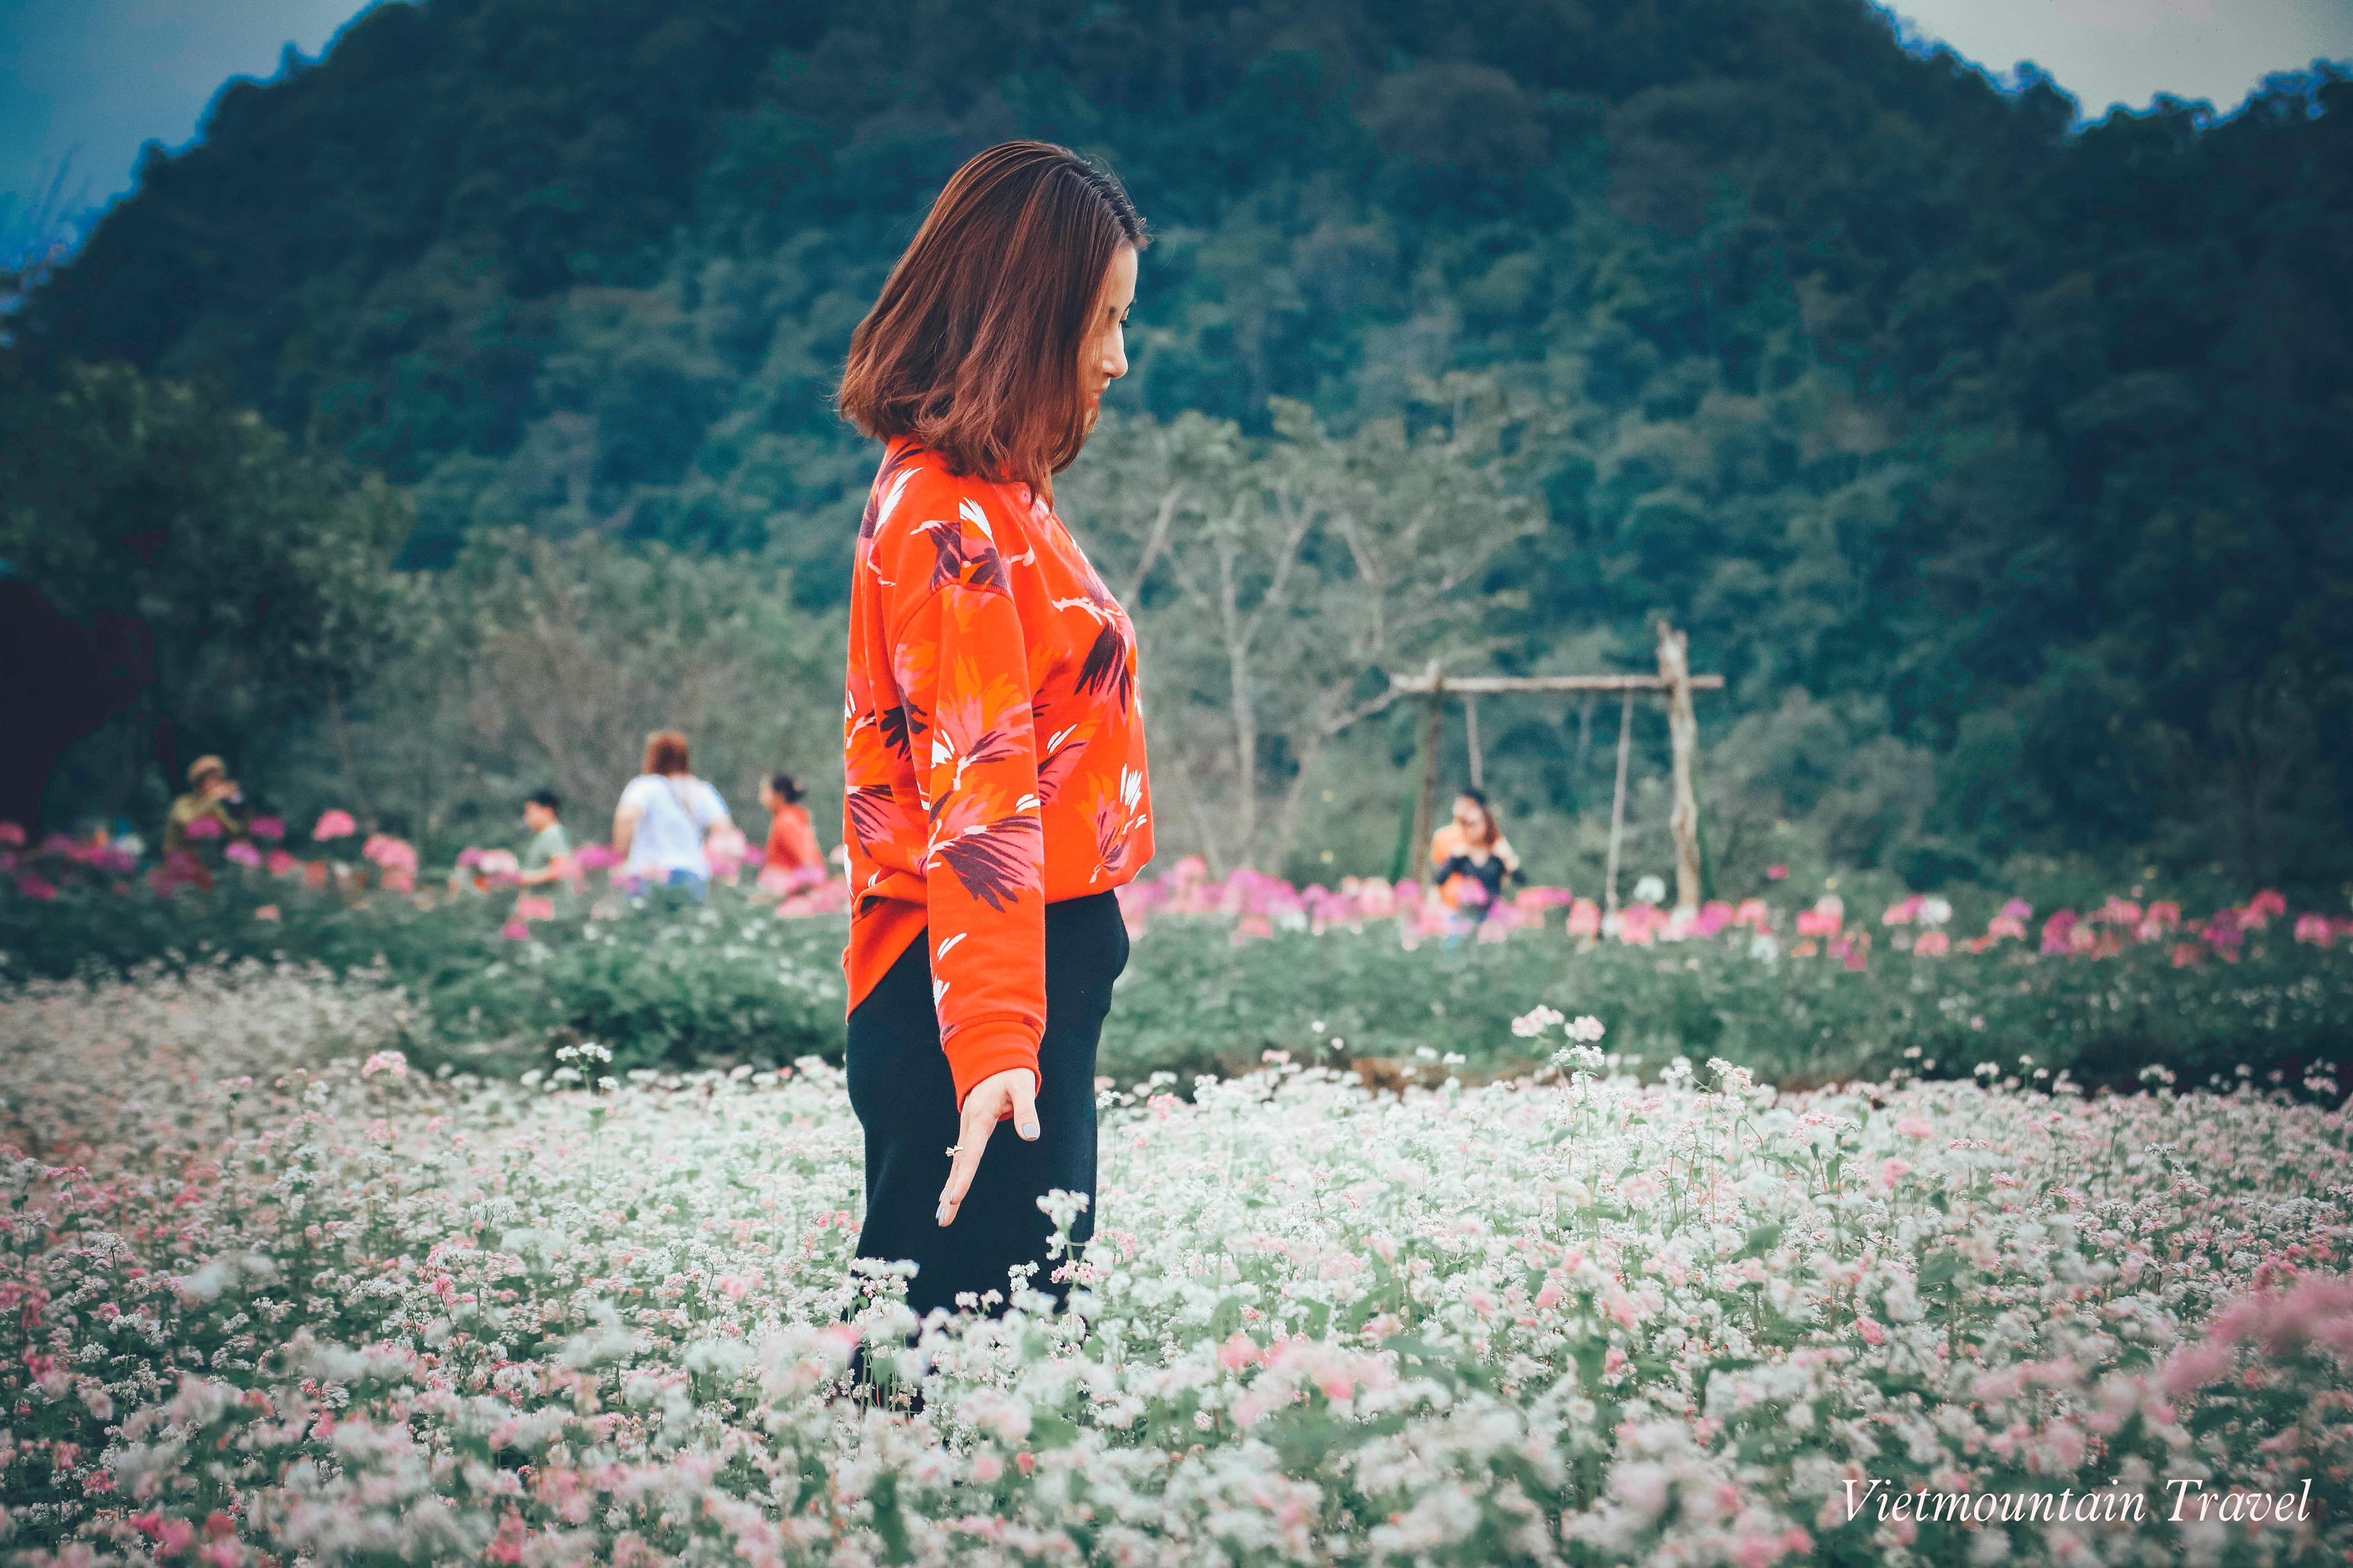 Thoi-gian-ly-tuong-de-len-ha-giang-ngam-hoa-tam-giac-mach-du-lich-nui-viet-vietmountain-travel109